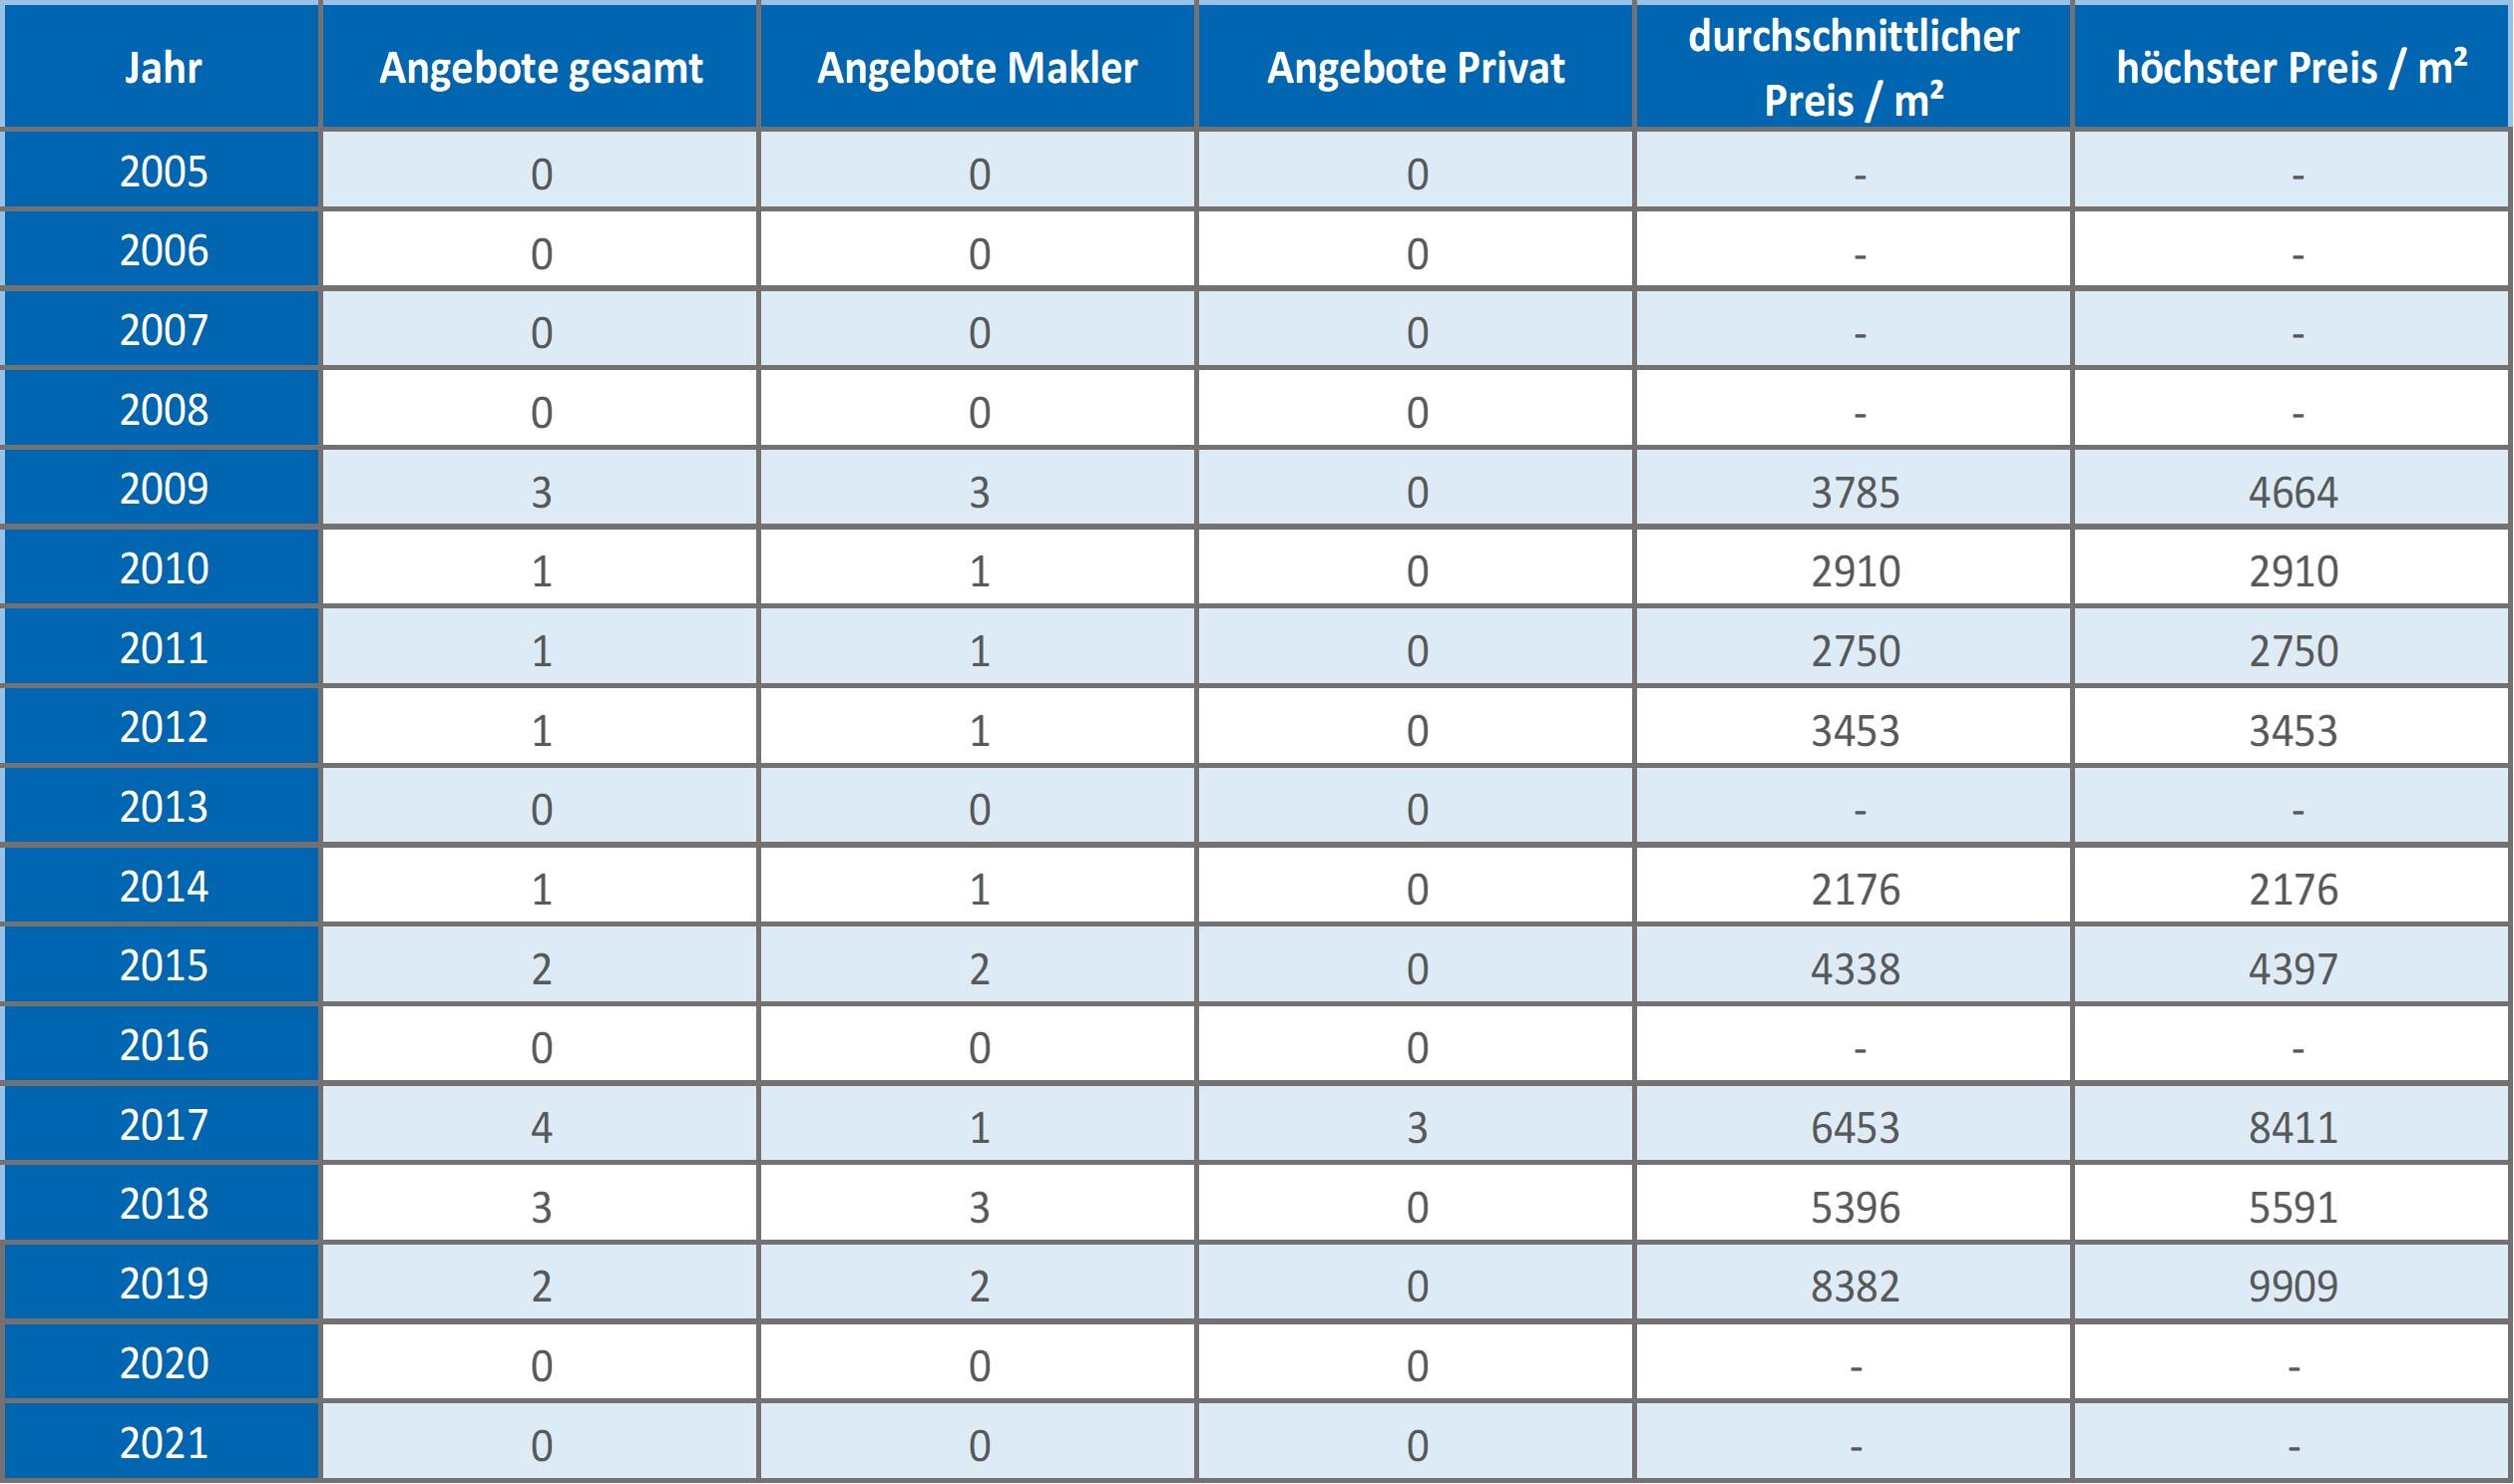 Baierbrunn-Mehrfamilienhaus-kaufen-verkaufen-Makler 2019, 2020, 2021